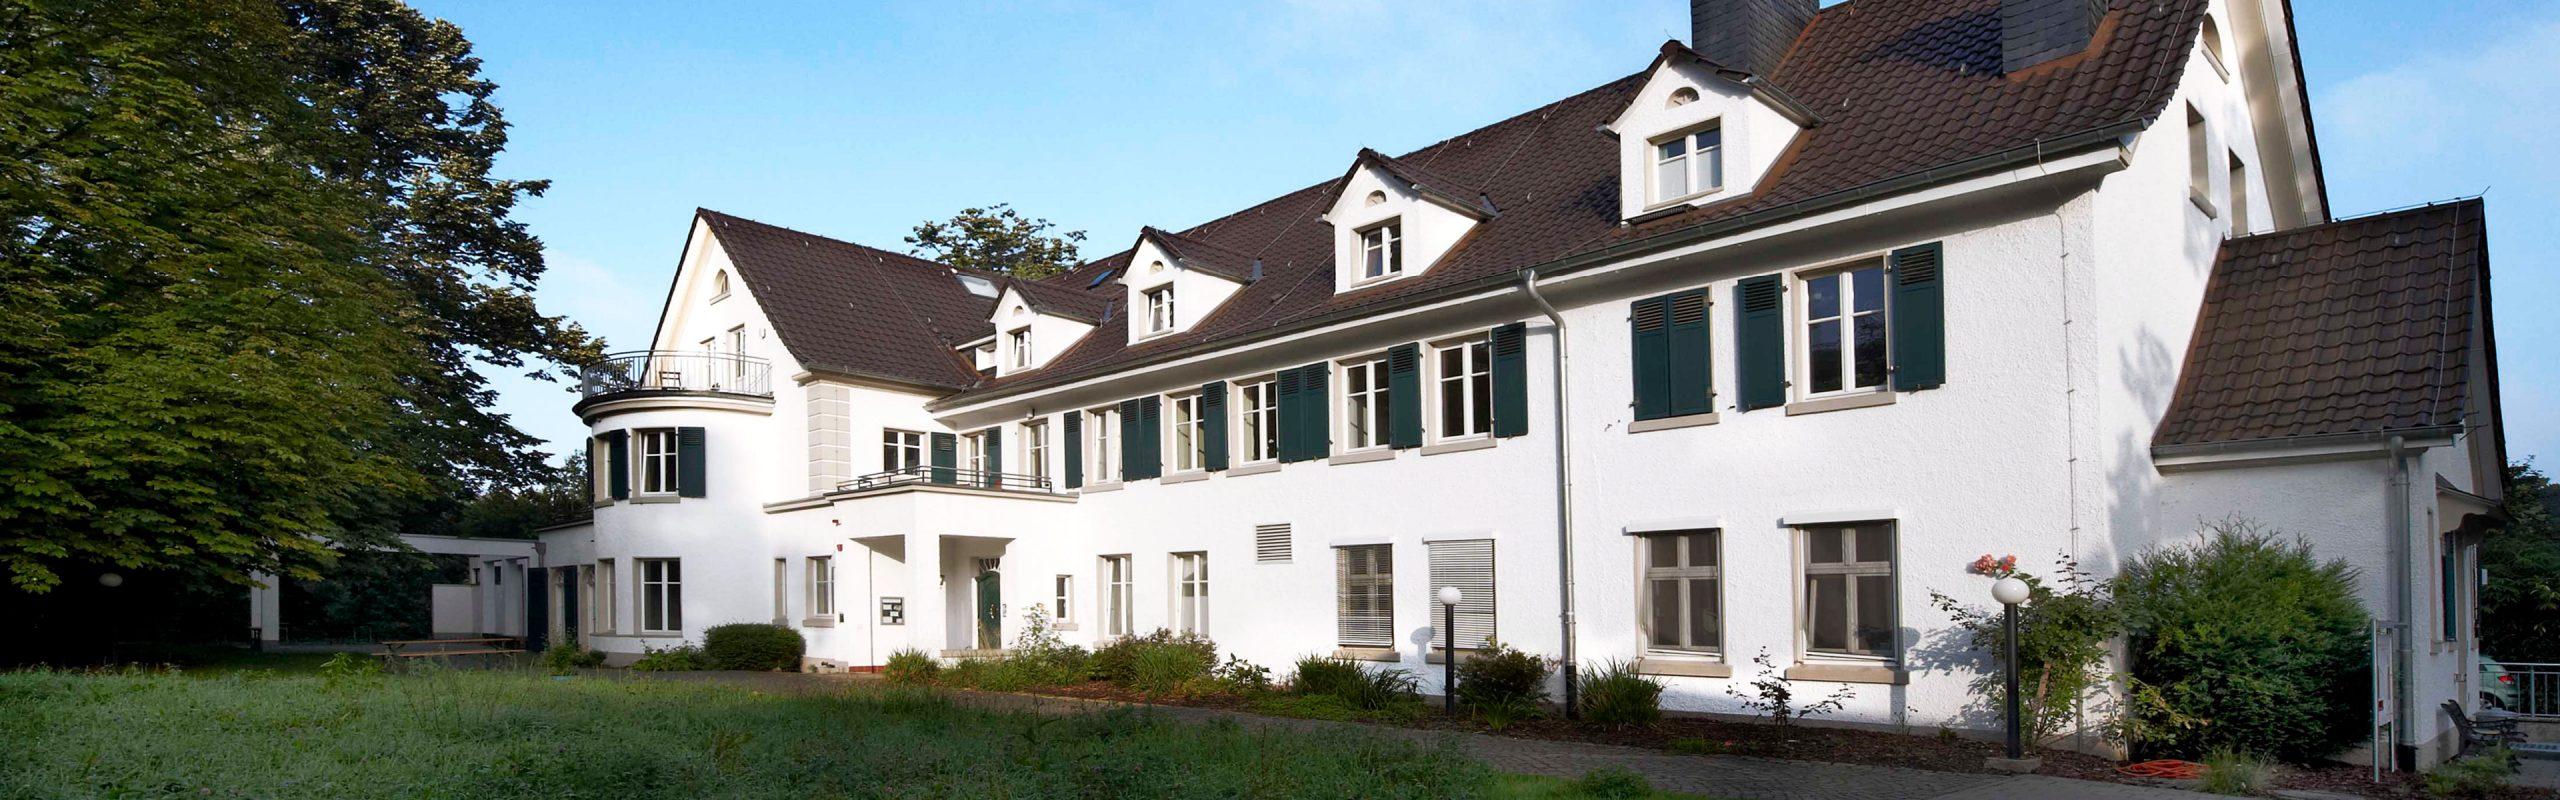 Tagungs- und Gästehaus